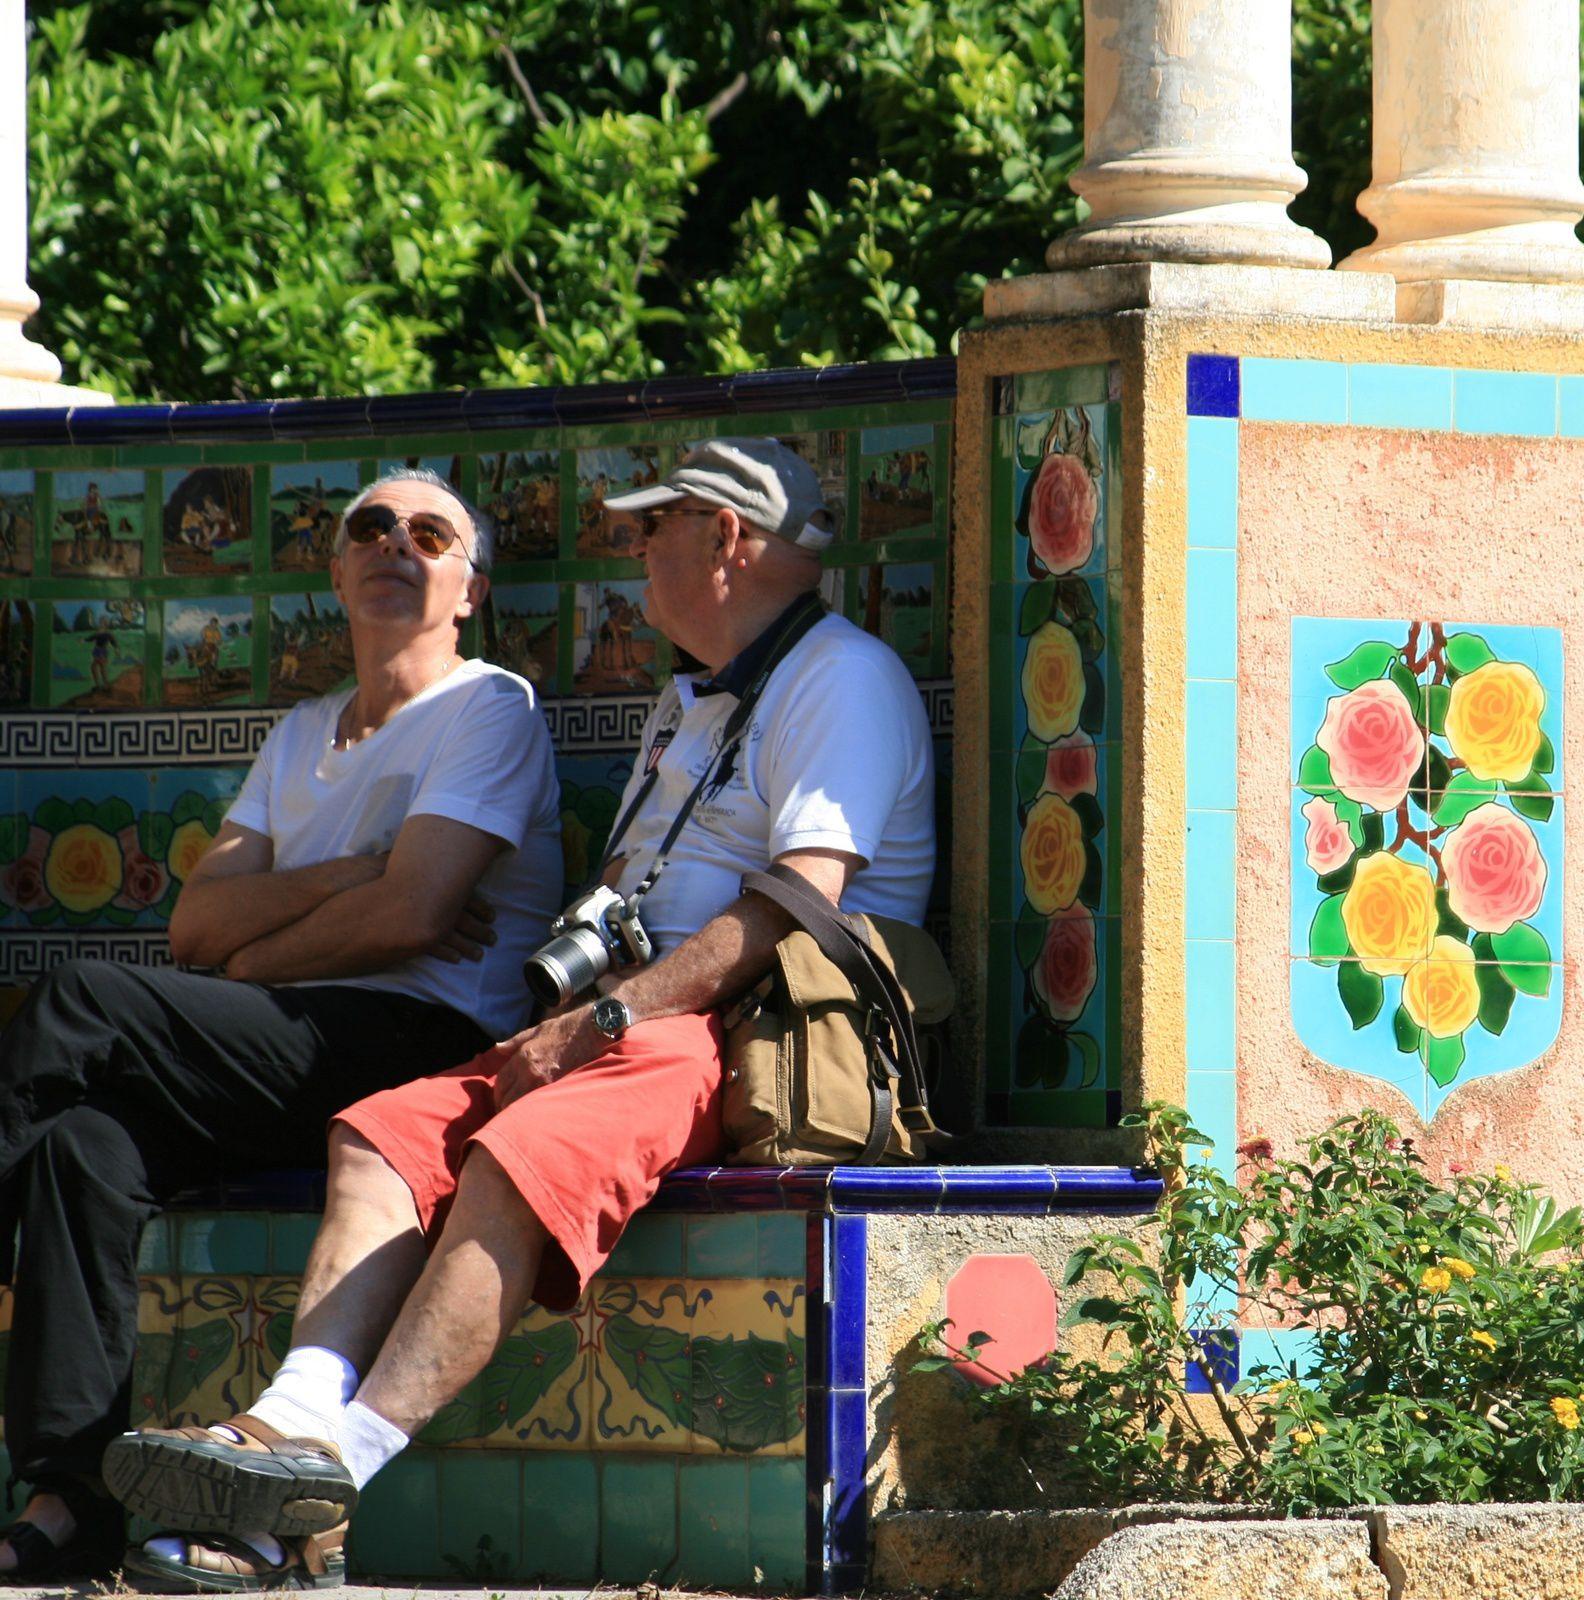 De la grande musique, des rencontres, de la paella : de la vie à Fontana Rosa